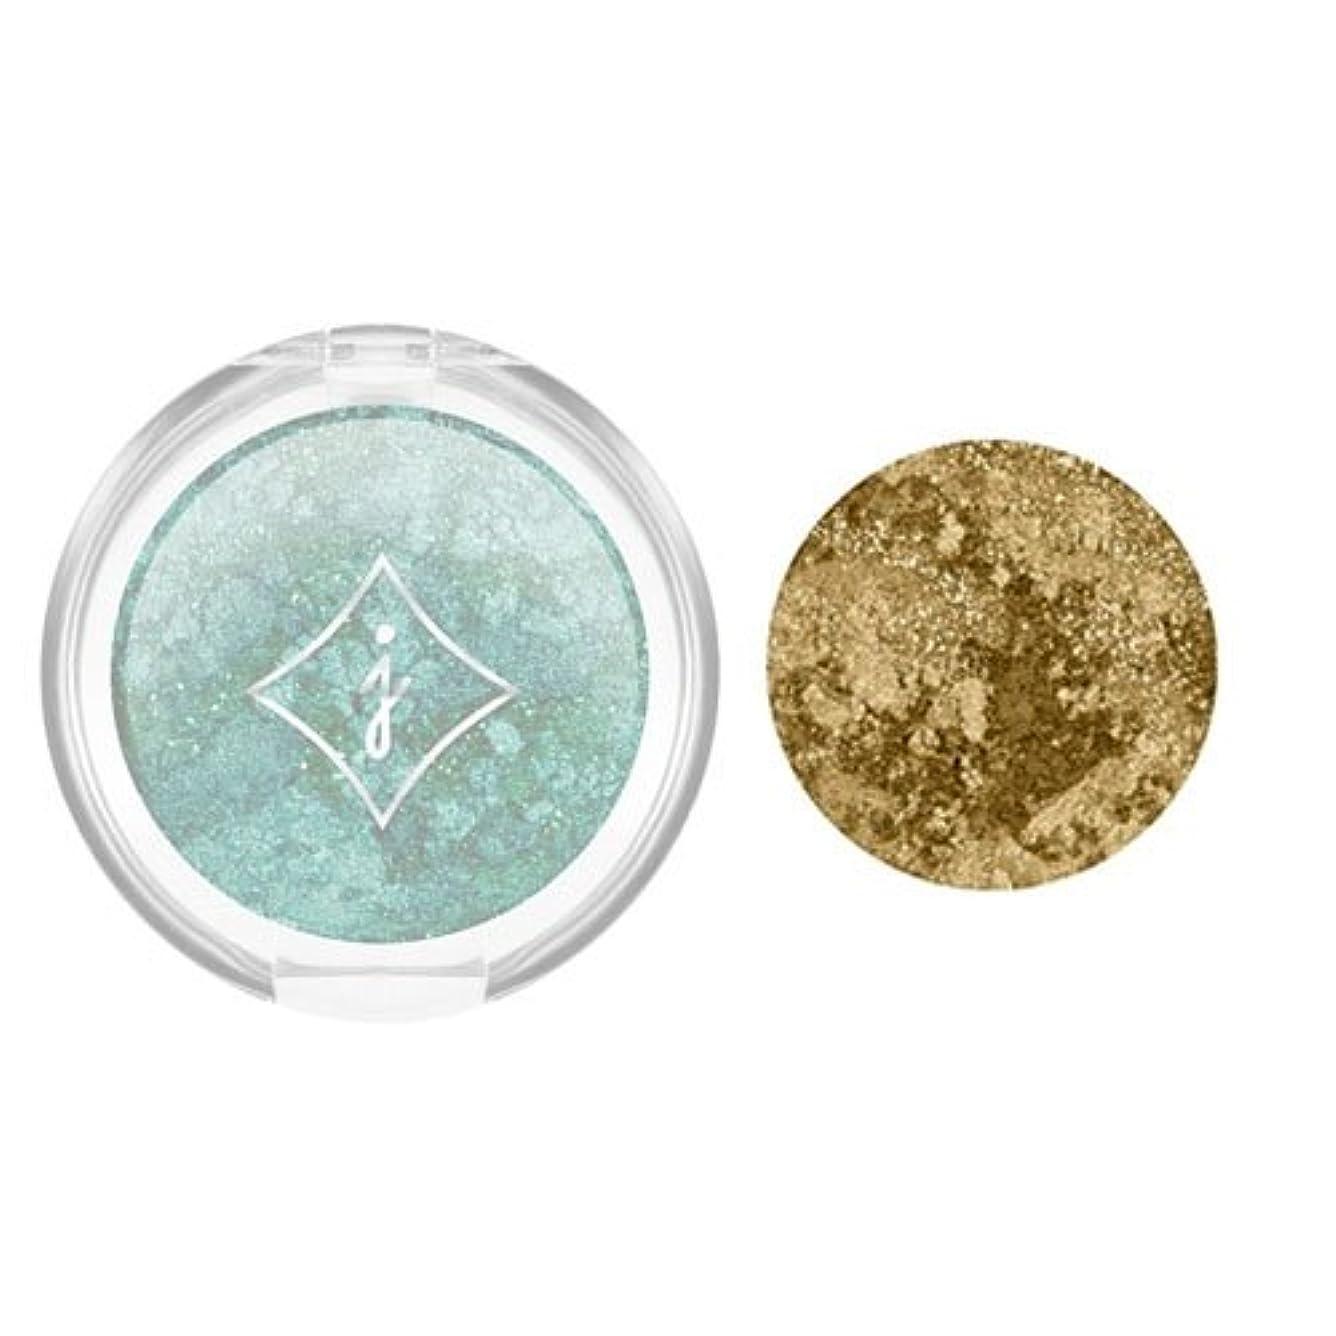 トロピカル潜水艦解釈的JORDANA Eye Glitz Sparkling Cream Eyeshadow - Gold Gleam (並行輸入品)